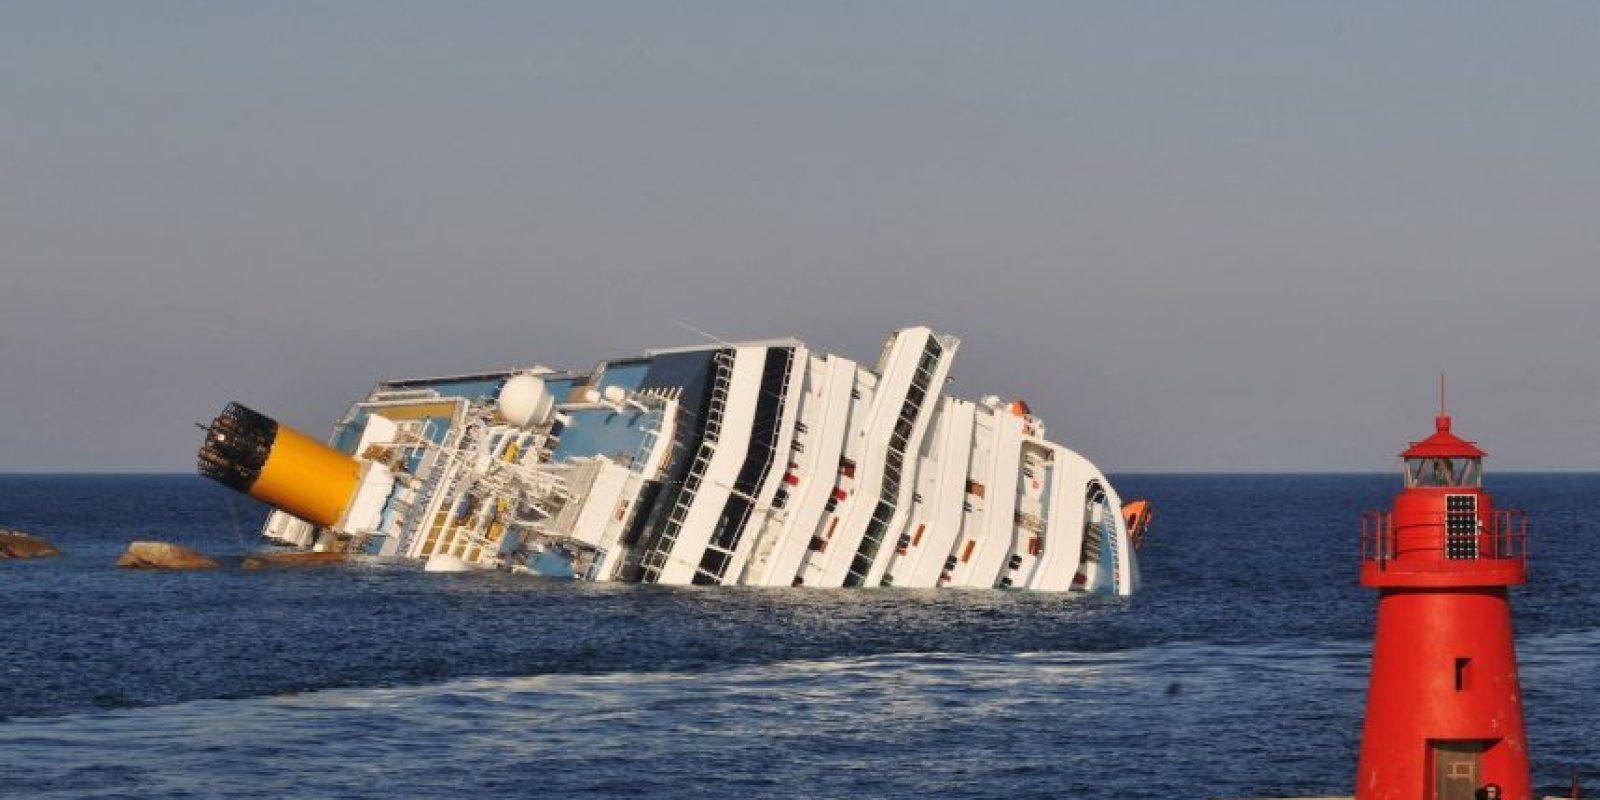 El crucero Costa Concordia queda varado en la Isla de Giglio, Italia. Foto:Getty Images